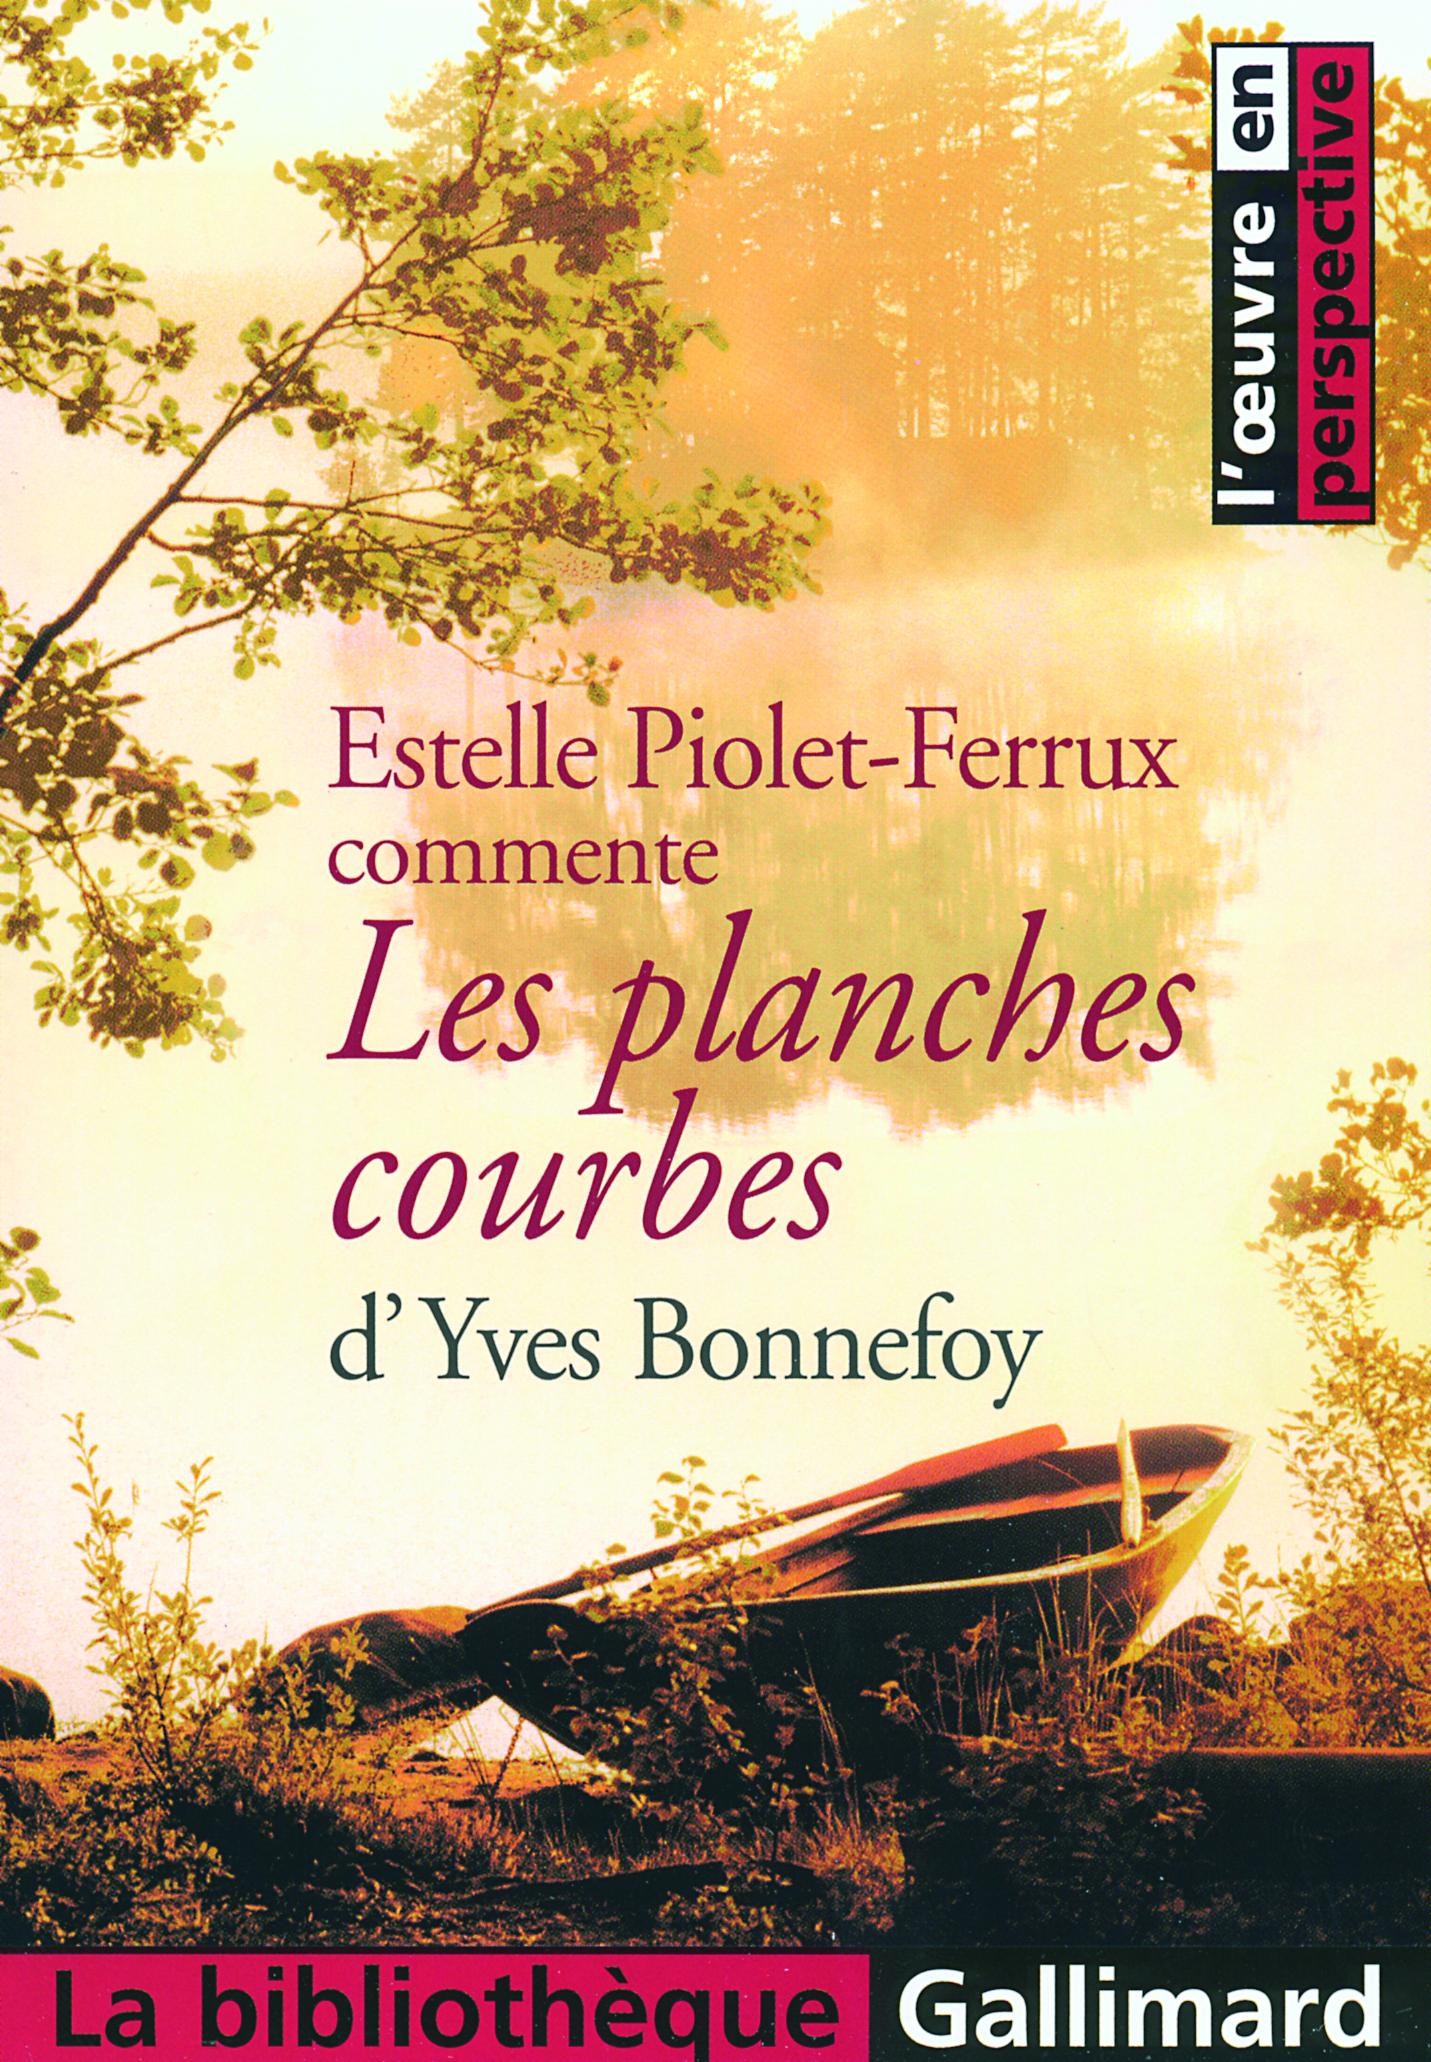 """""""LES PLANCHES COURBES"""" D'YVES BONNEFOY"""